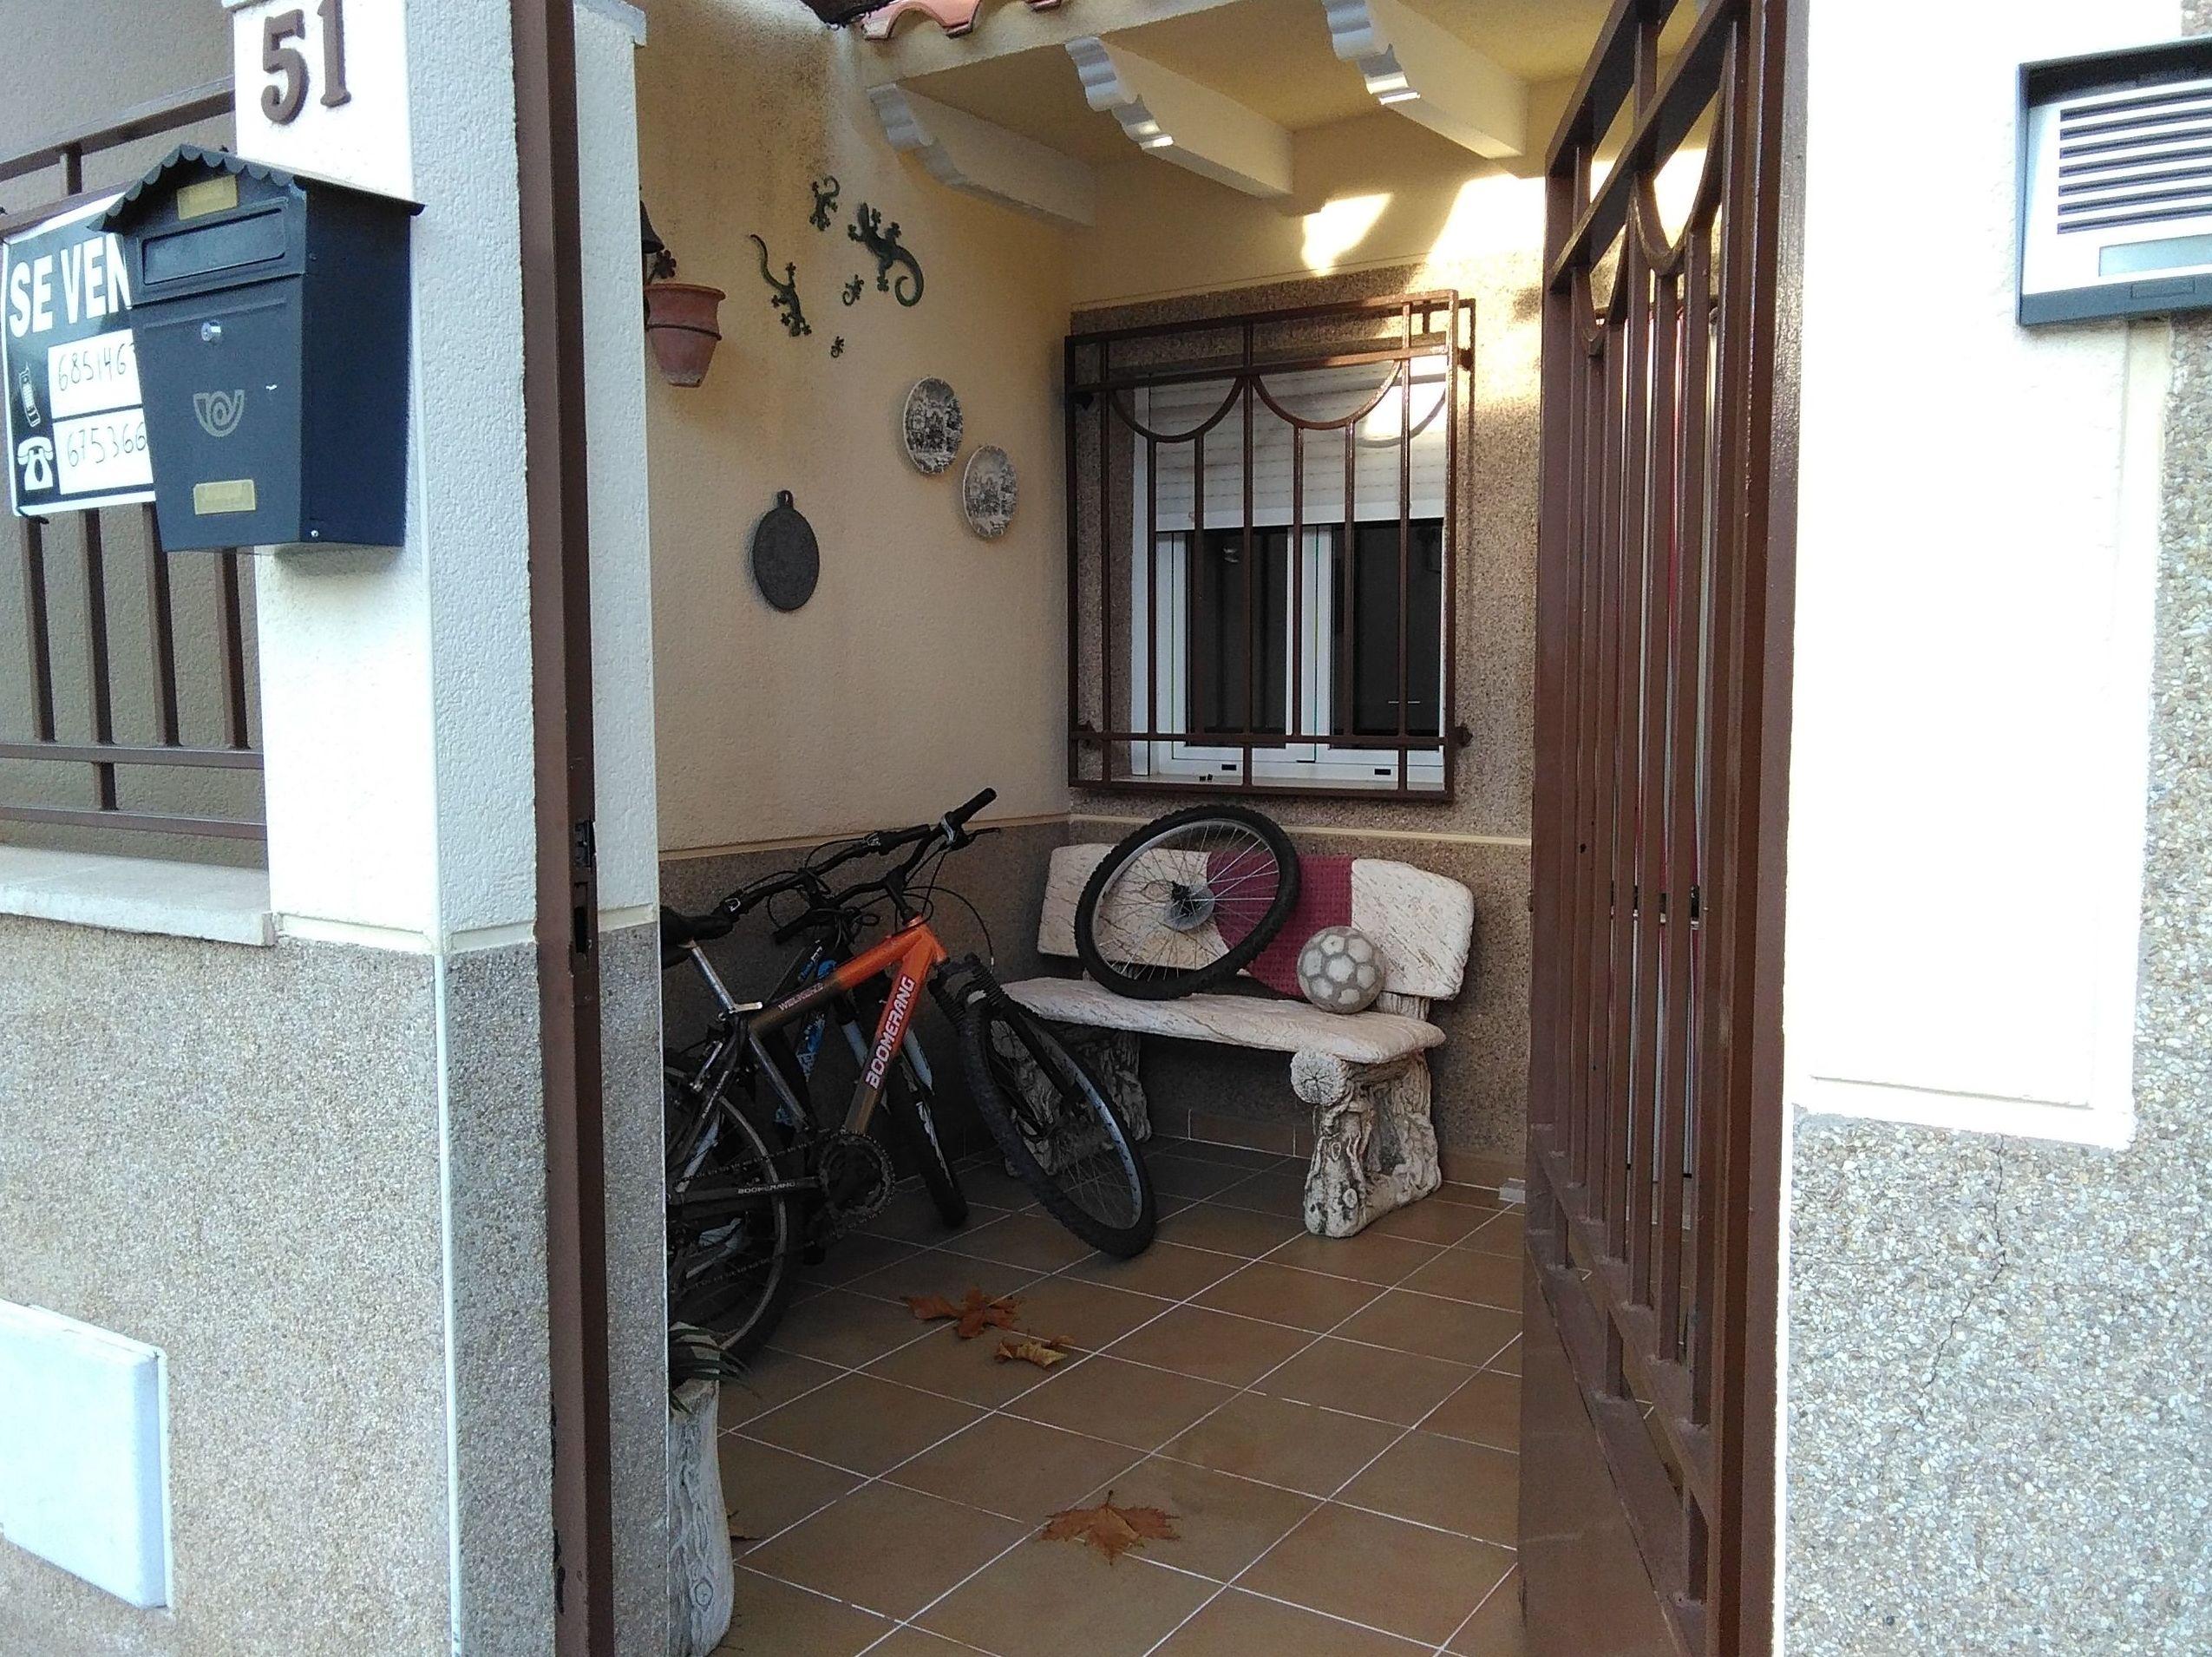 Venta de adosado en Sierra Morena: Inmuebles Urbanos de ANTONIO ARAGONÉS DÍAZ PAVÓN